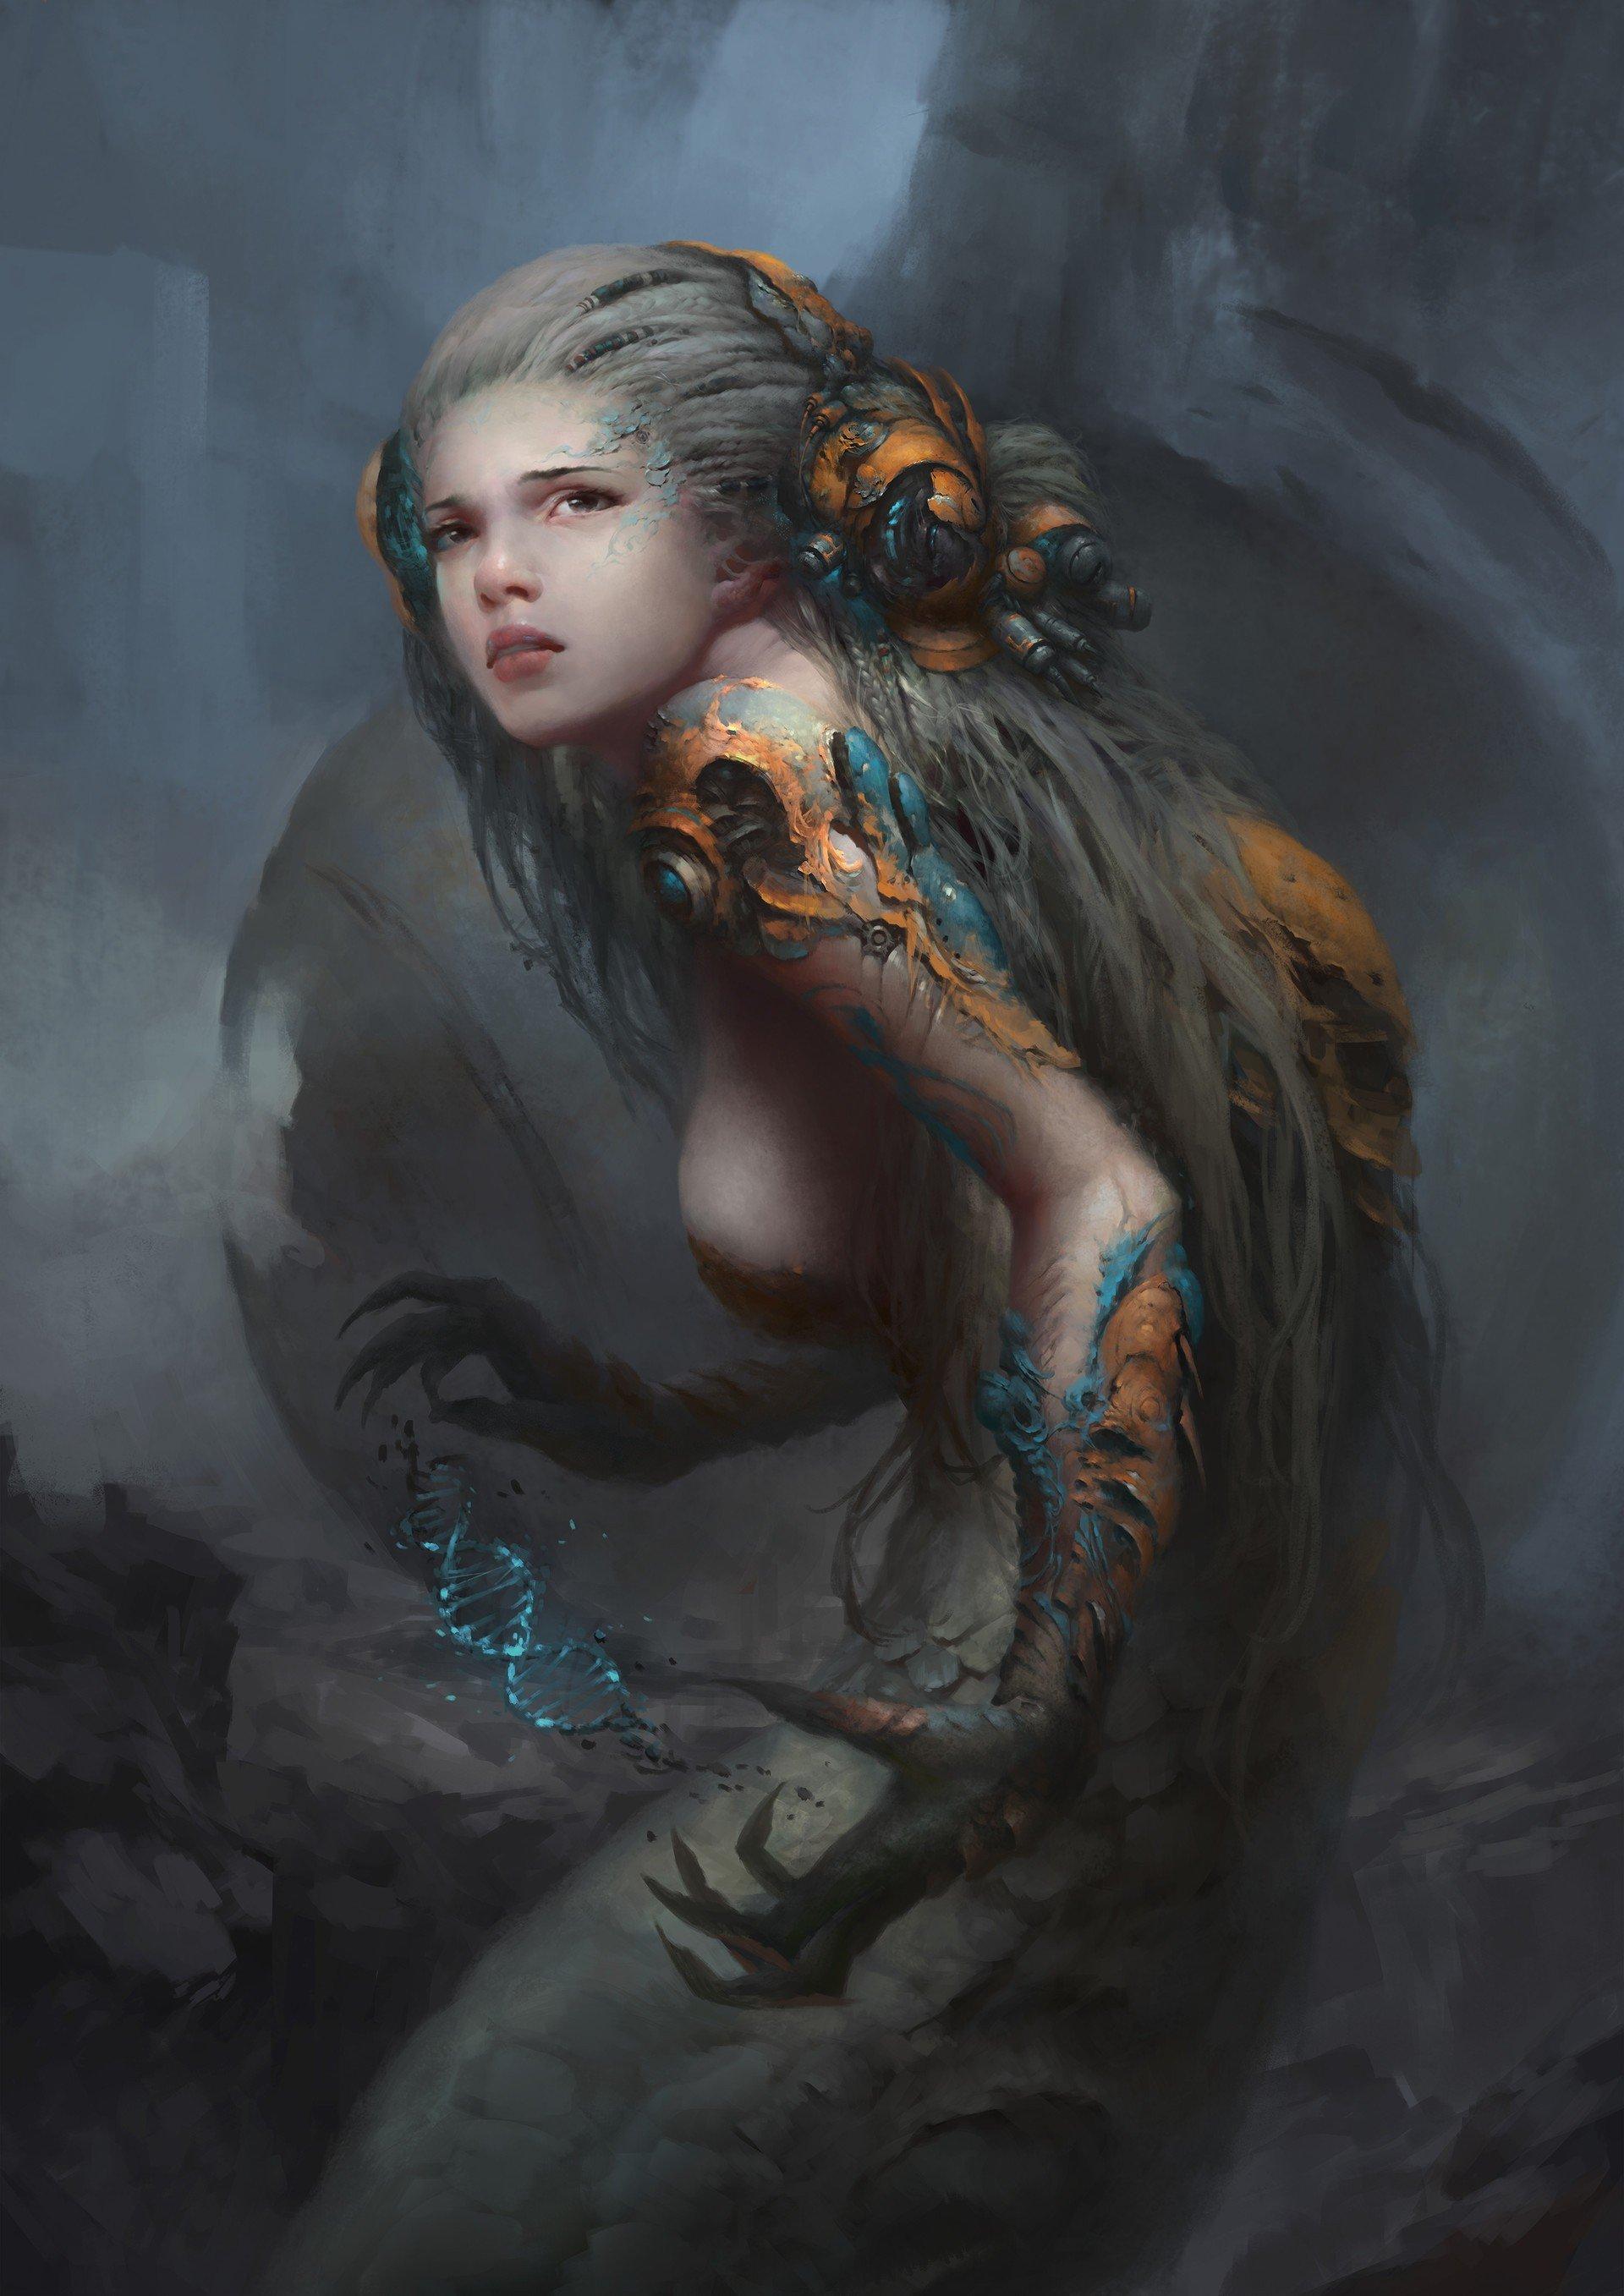 magic, Fantasy art, Fantasy girl Wallpaper